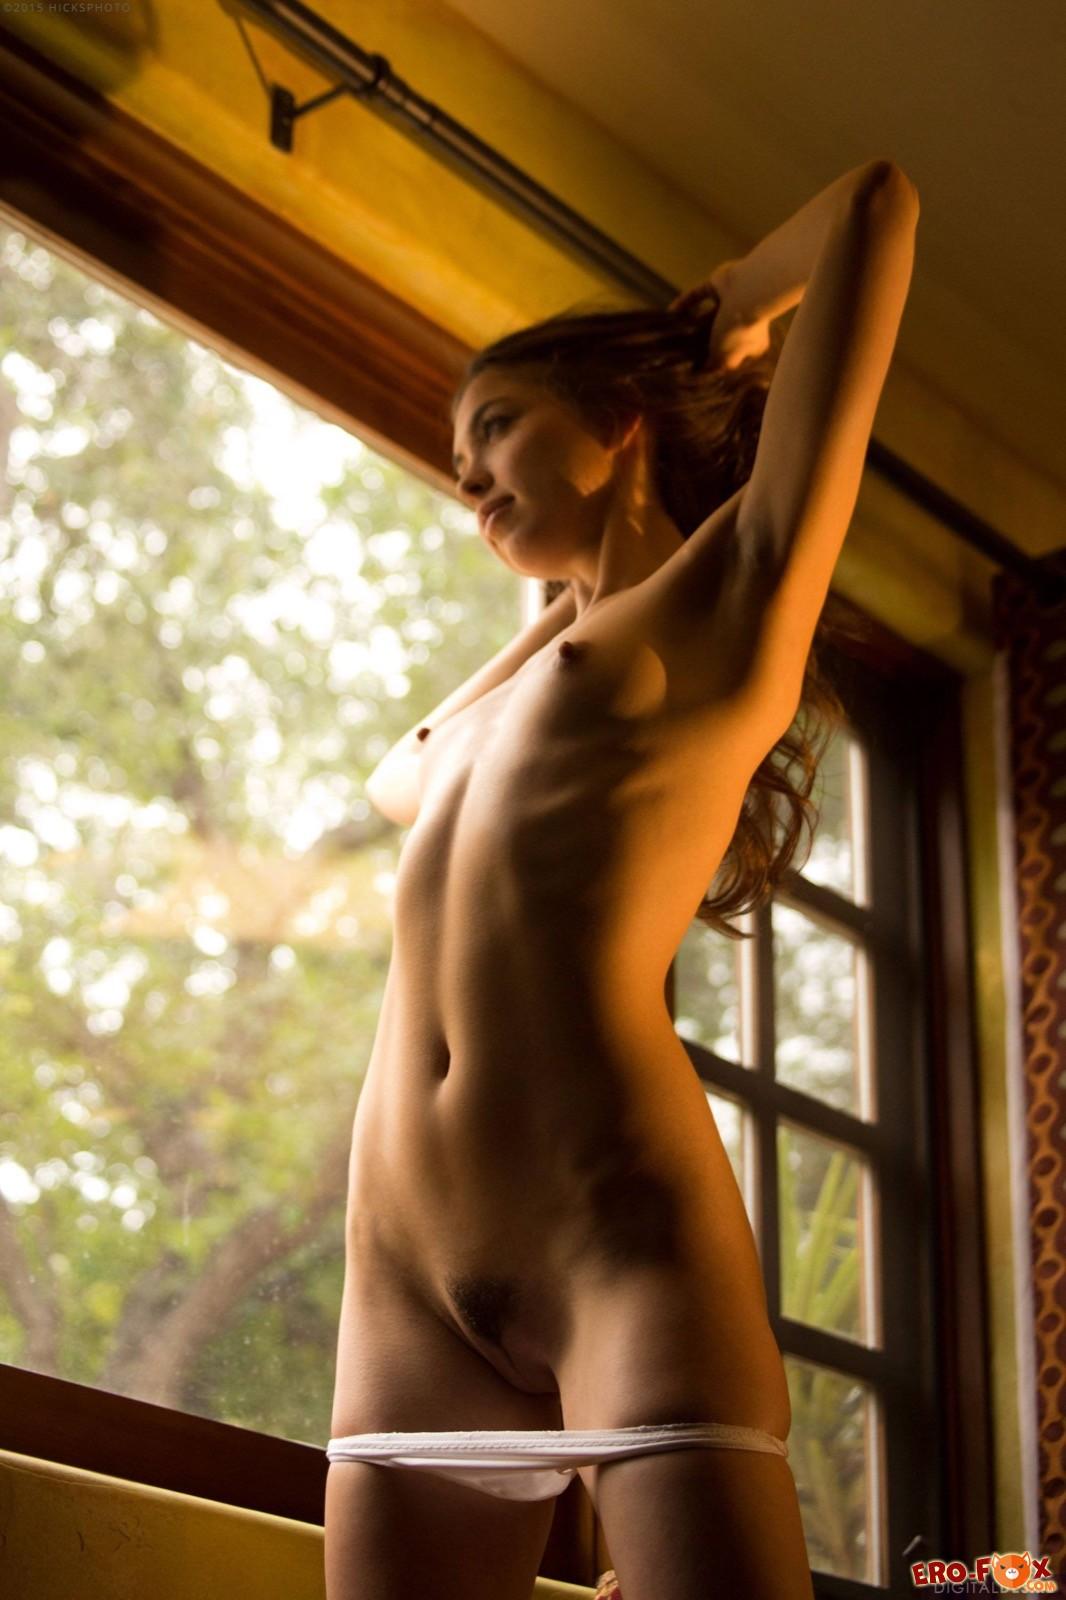 Торчащие сосочки на маленькой груди молодой девушки